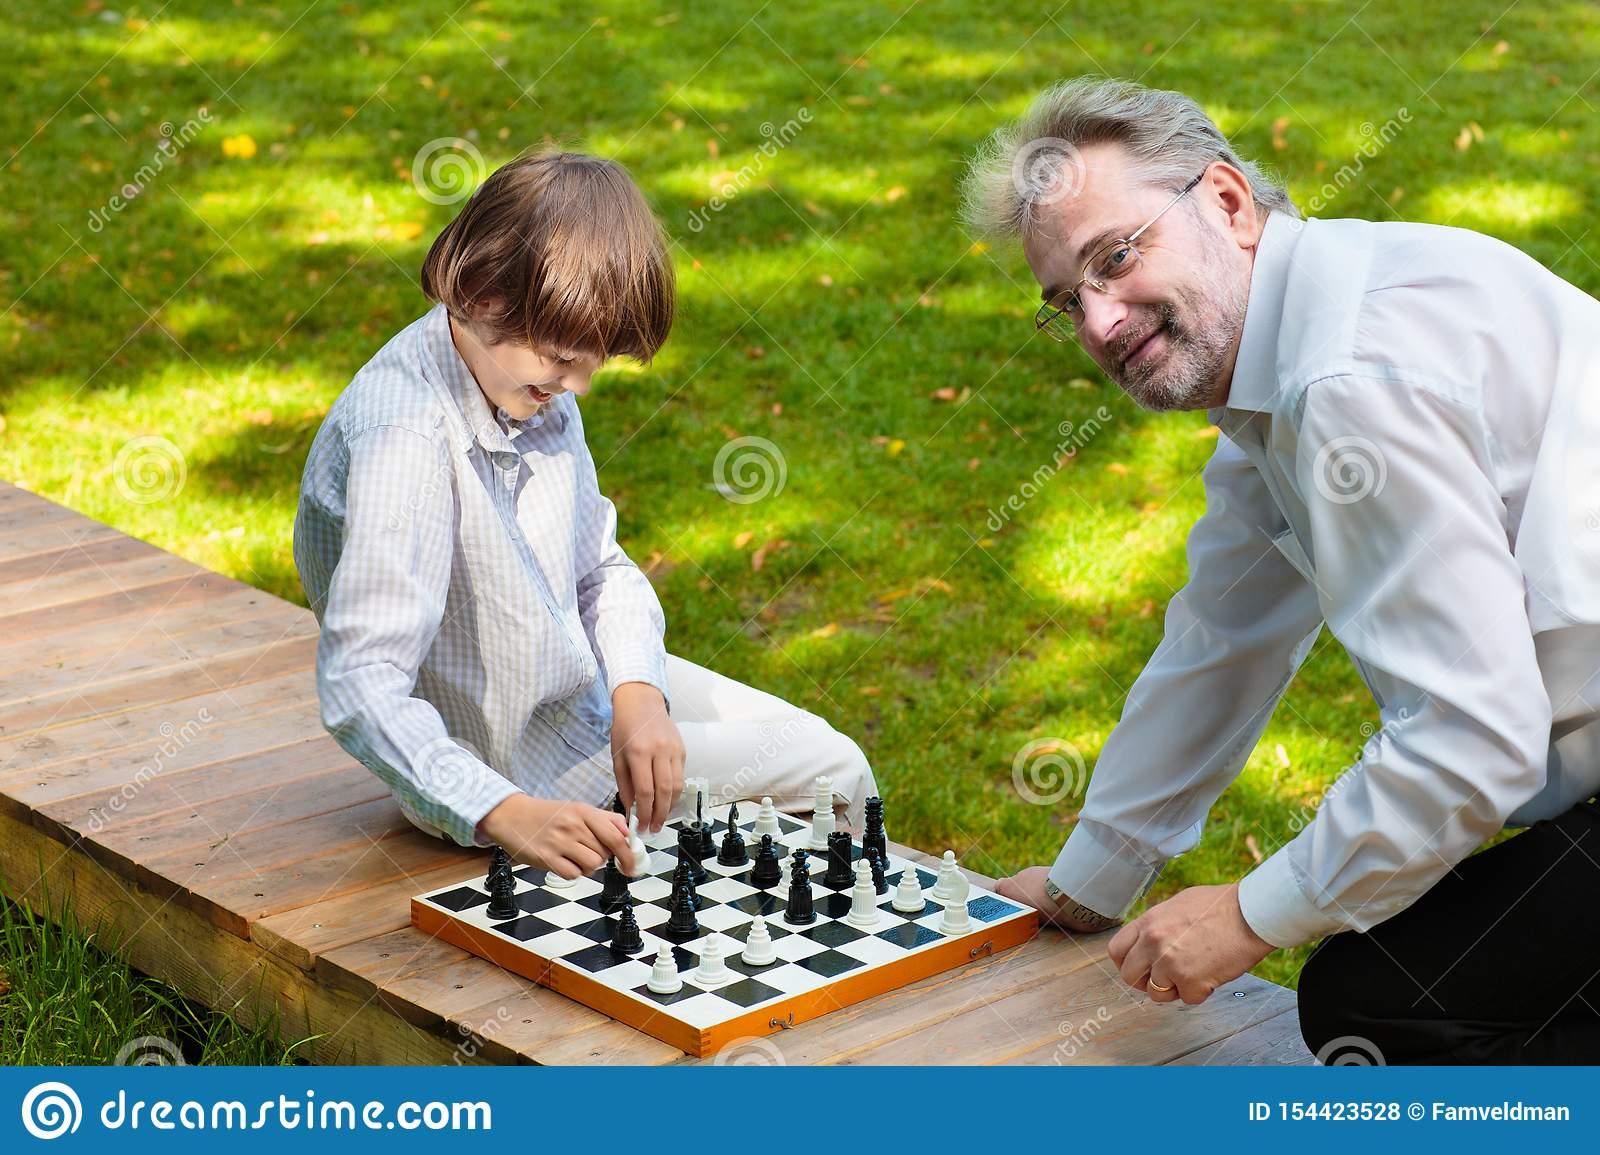 Grand-Père, Père Et Enfants Jouant Aux Échecs Photo Stock intérieur Jeux De Grand Garçon